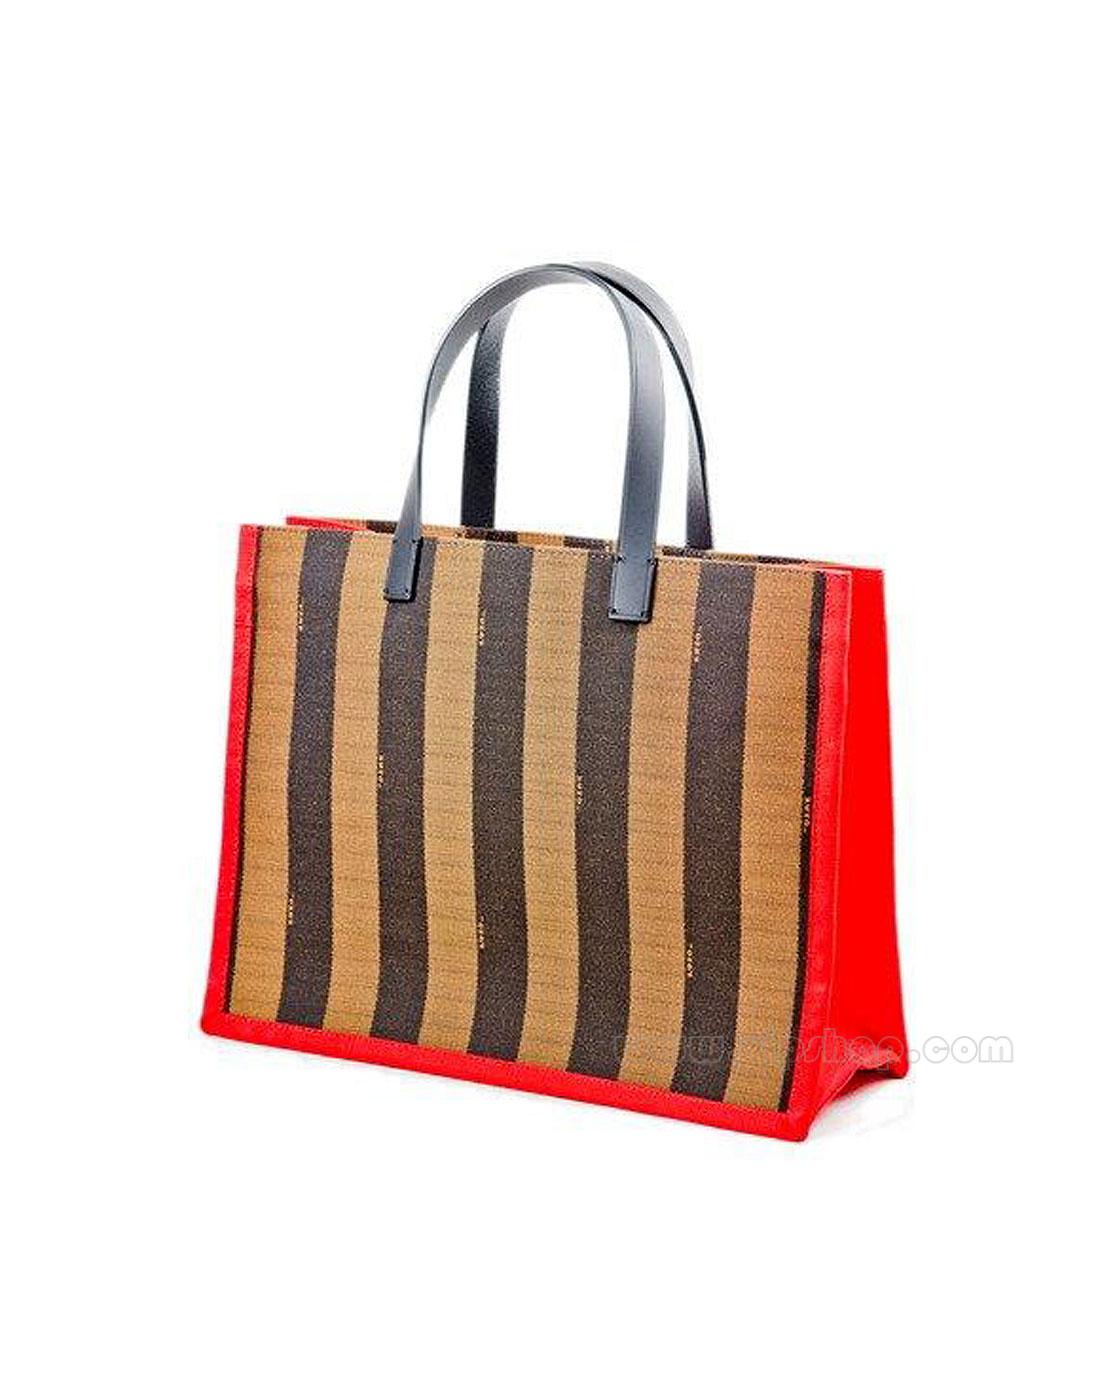 包 包包 包装 包装设计 购物纸袋 挎包手袋 女包 手提包 纸袋 1100